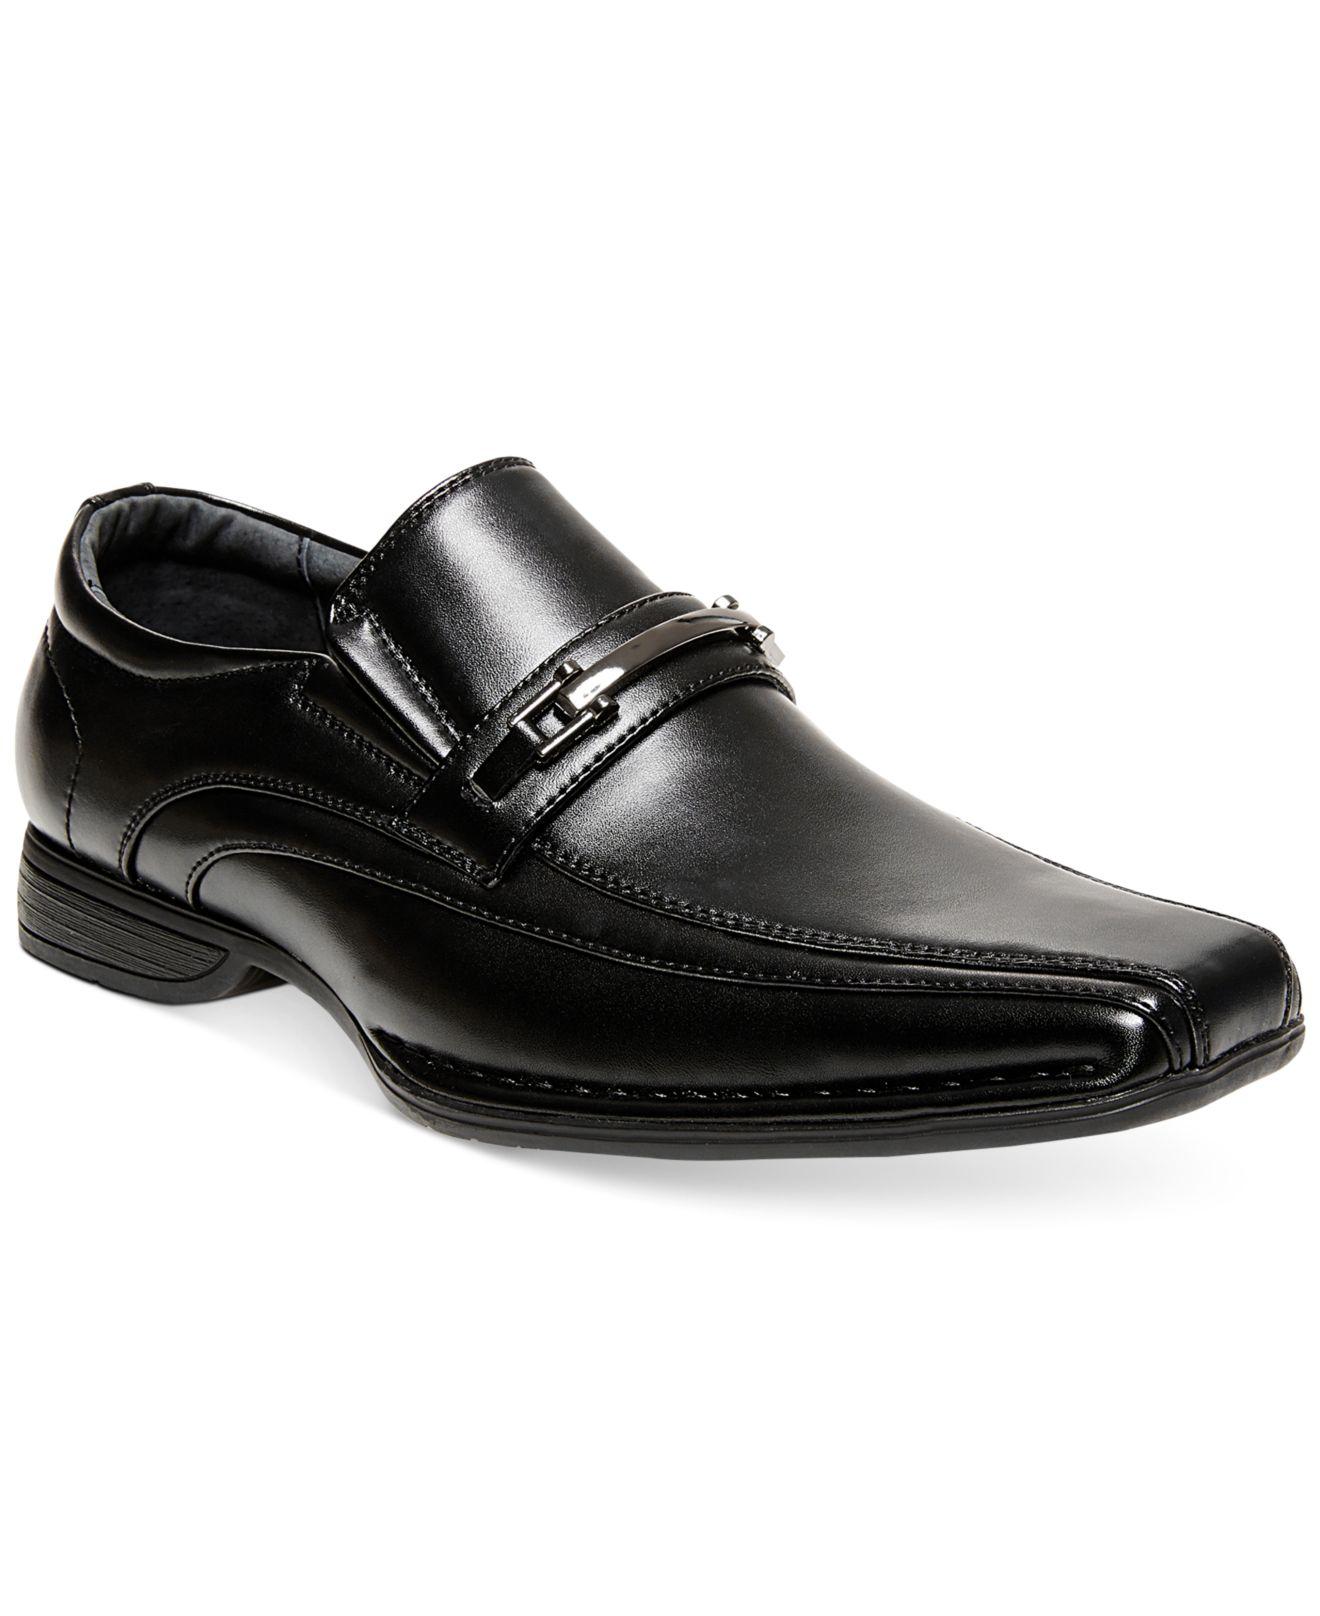 Steve Madden Talon Dress Slip On Shoes